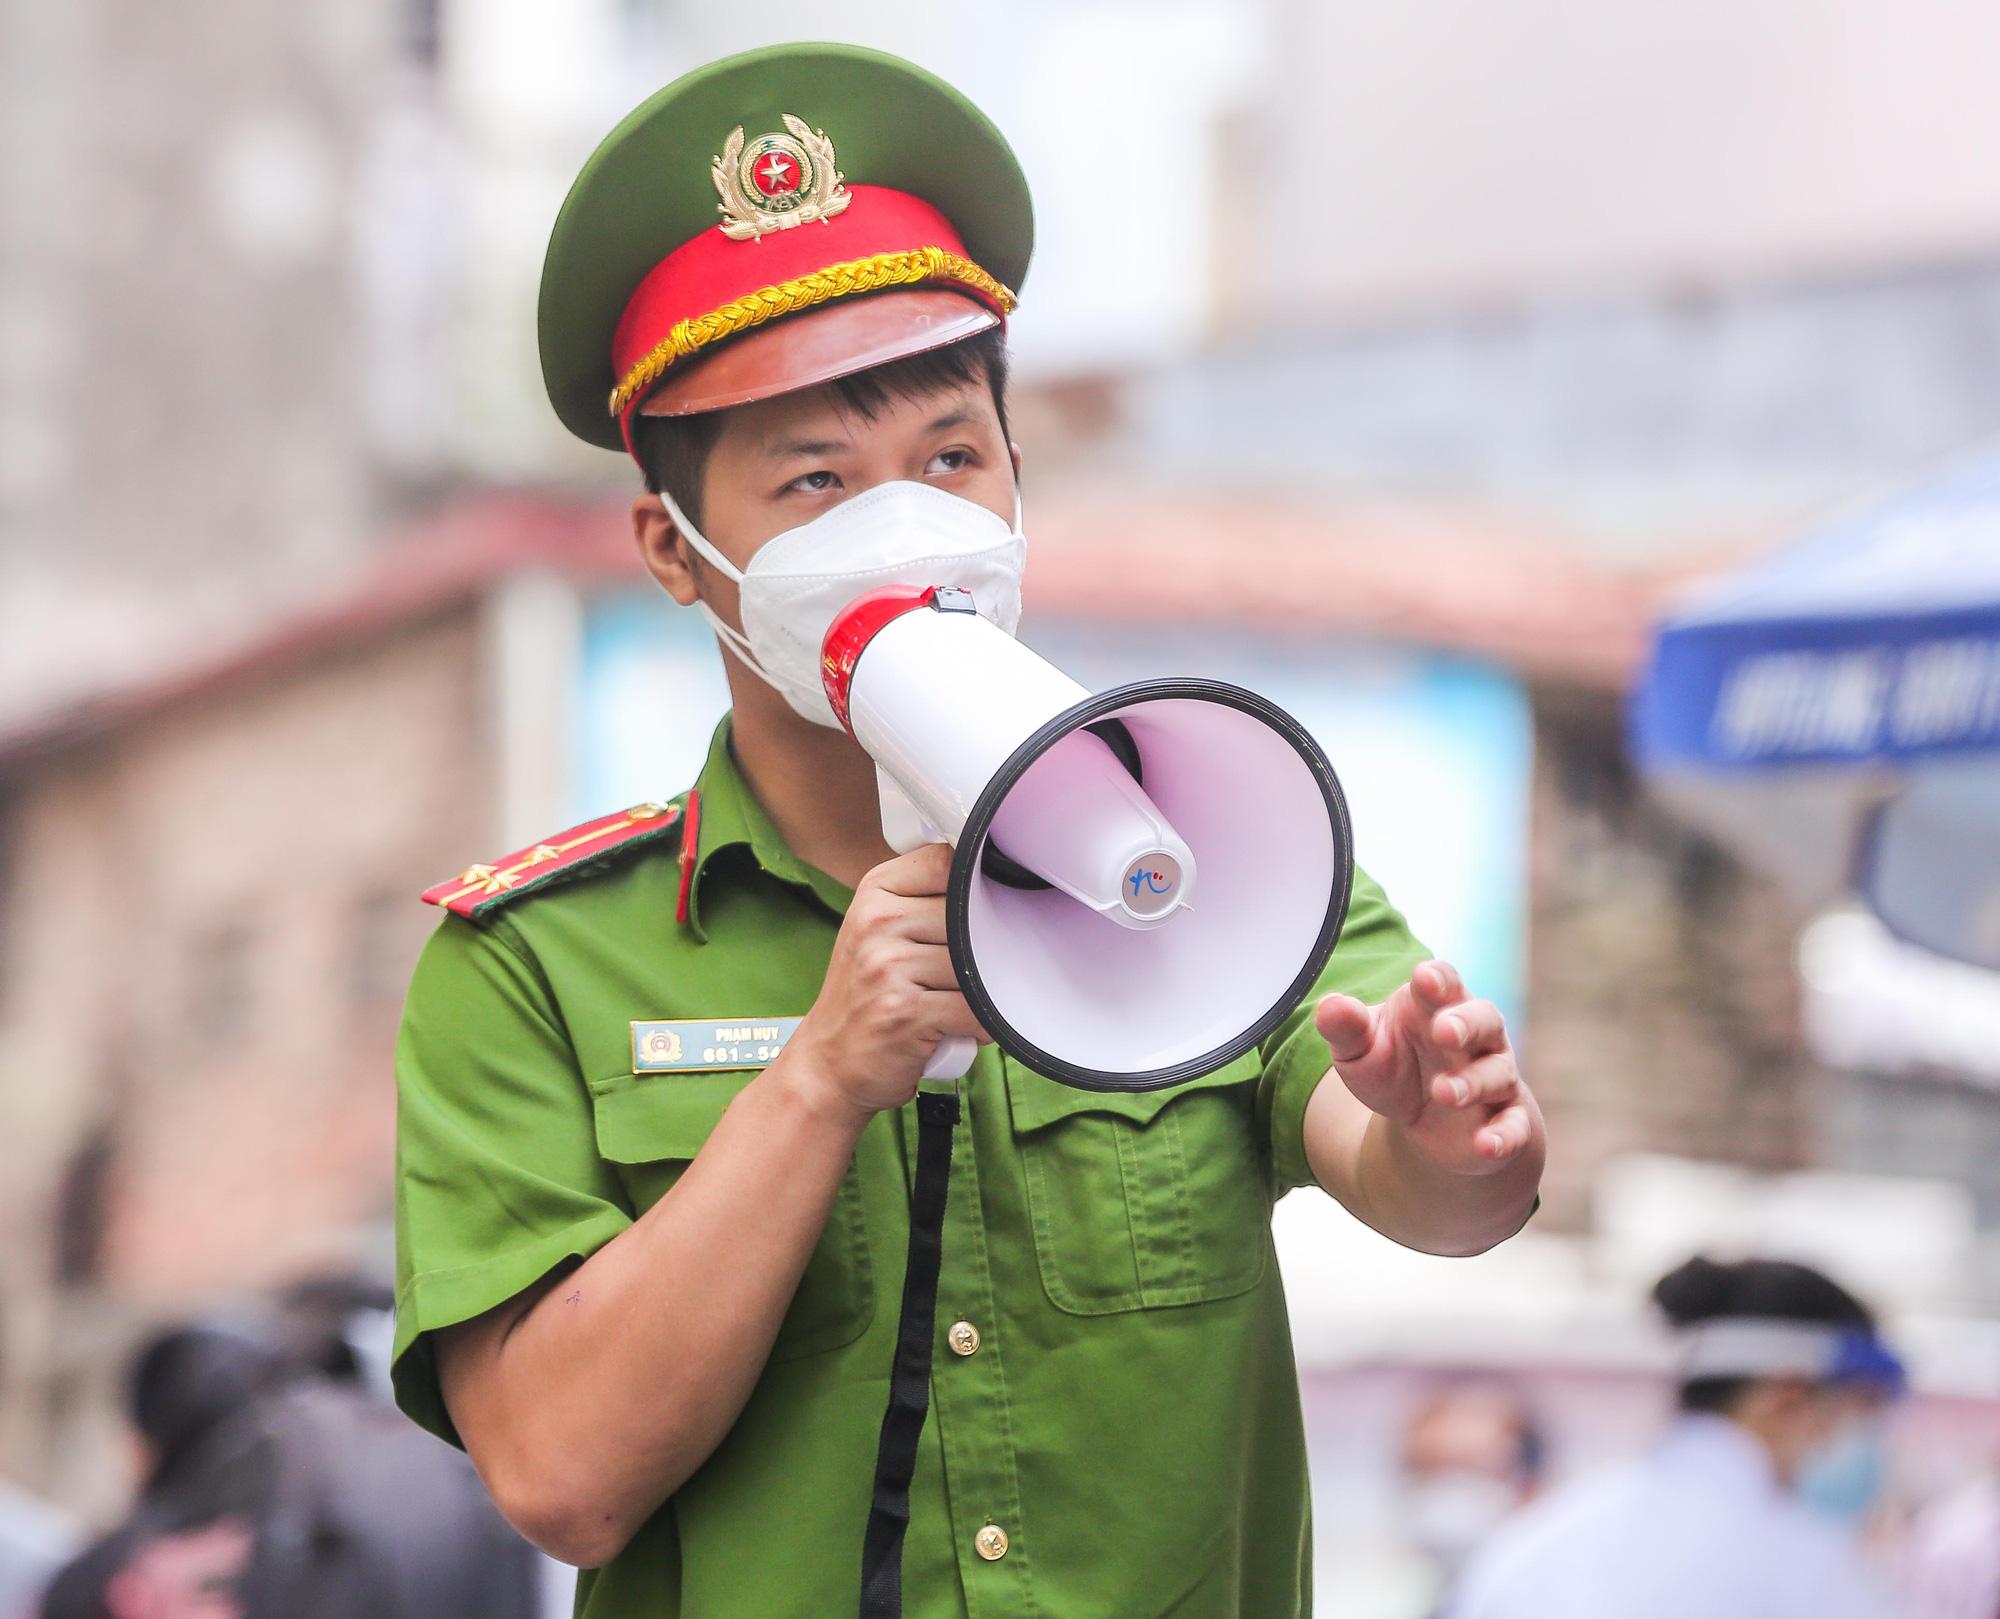 Cận cảnh người dân Hà Nội tiêm vắc-xin Vero Cell - Ảnh 5.